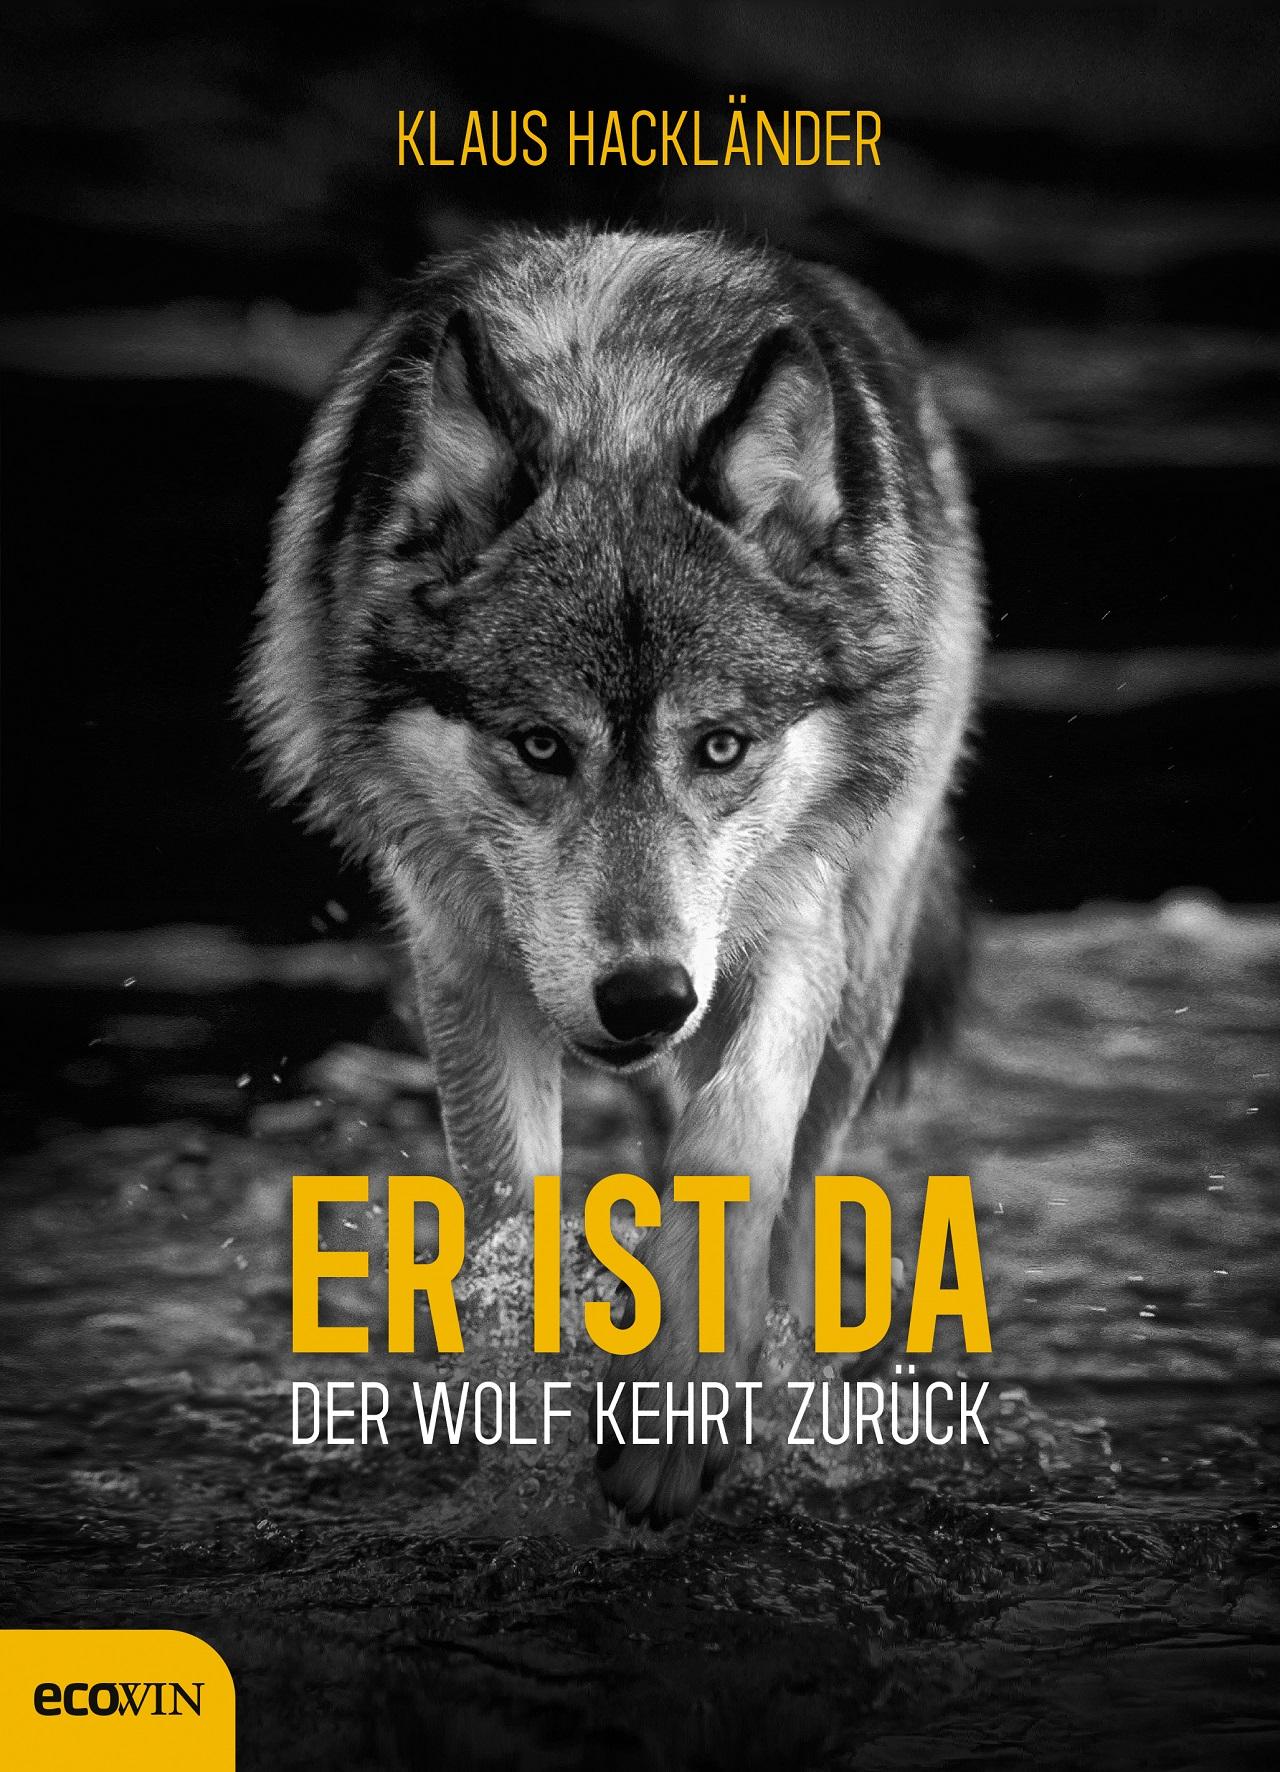 """Ein Wolf mit gesenktem Kopf, interessiert schauend, am Buchcover zu Klaus Hackländers """"Er ist da - Der Wolf kehrt zurück"""""""